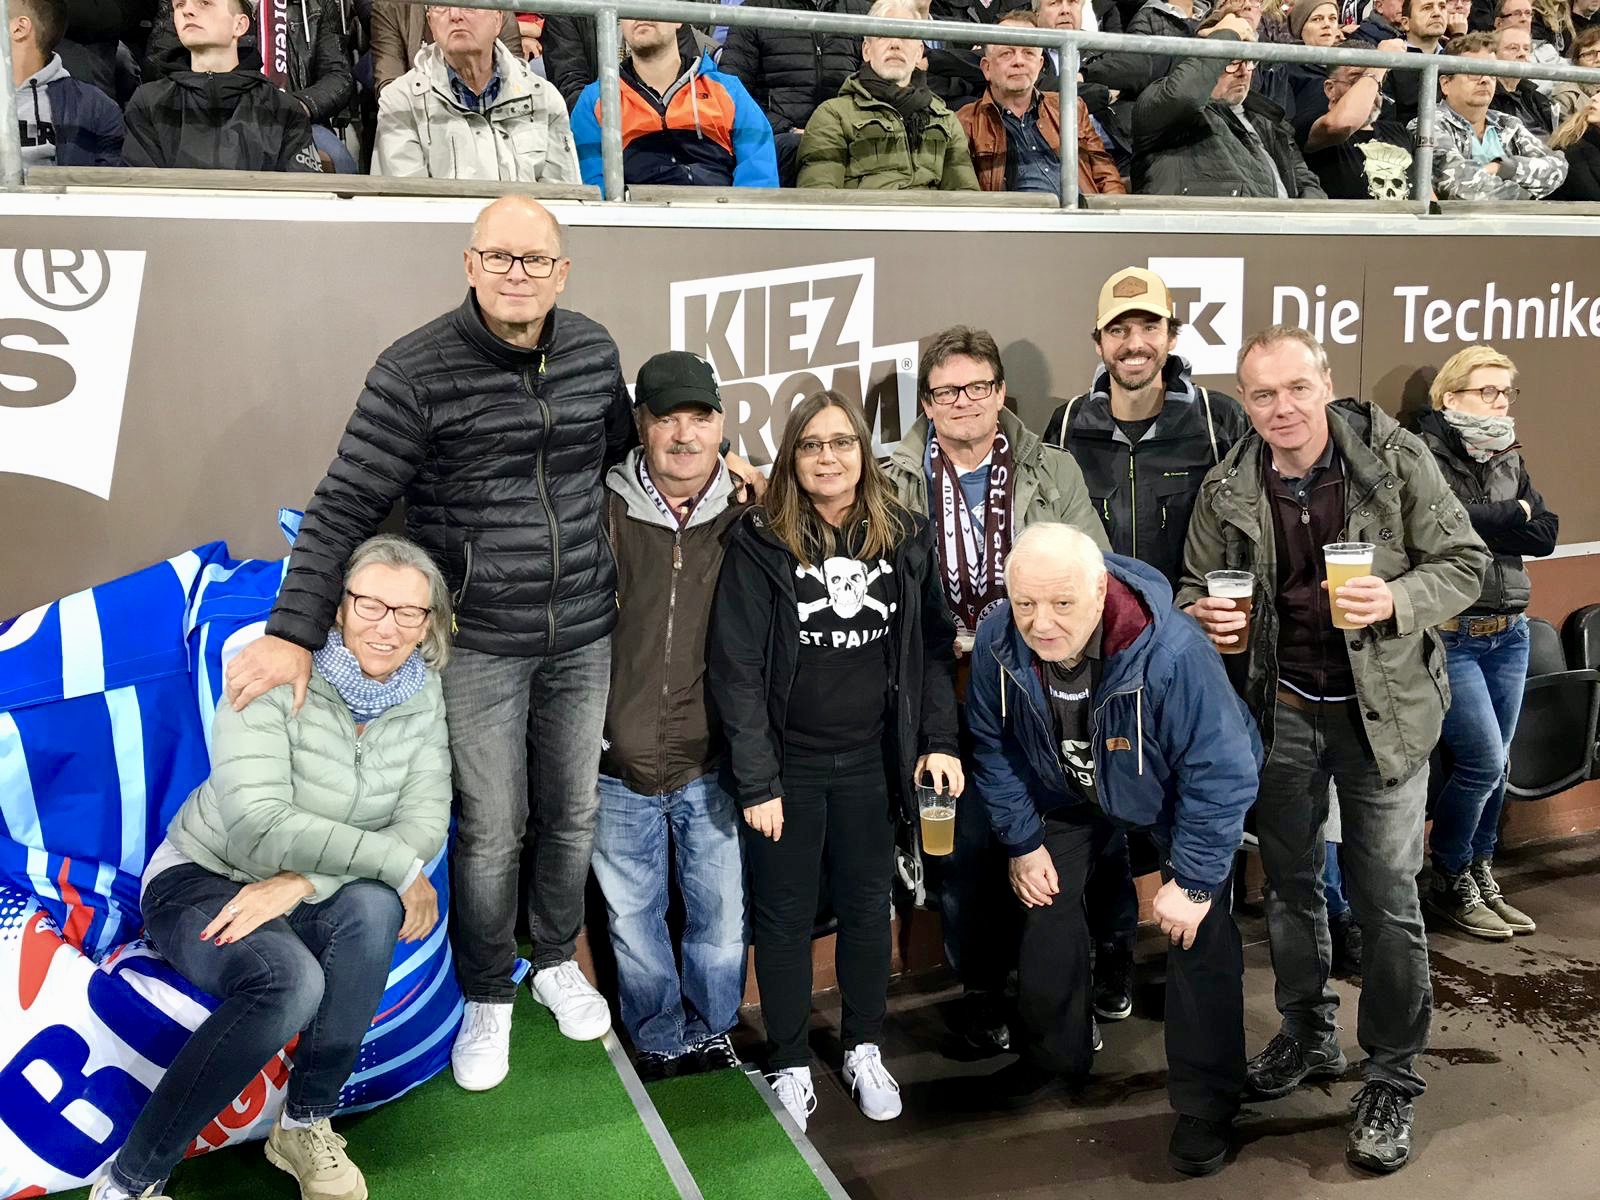 von Links nach rechts: Margret, Torsten, Thomas M., Doris, Michael V., Jürgen, Axel und Michael S.